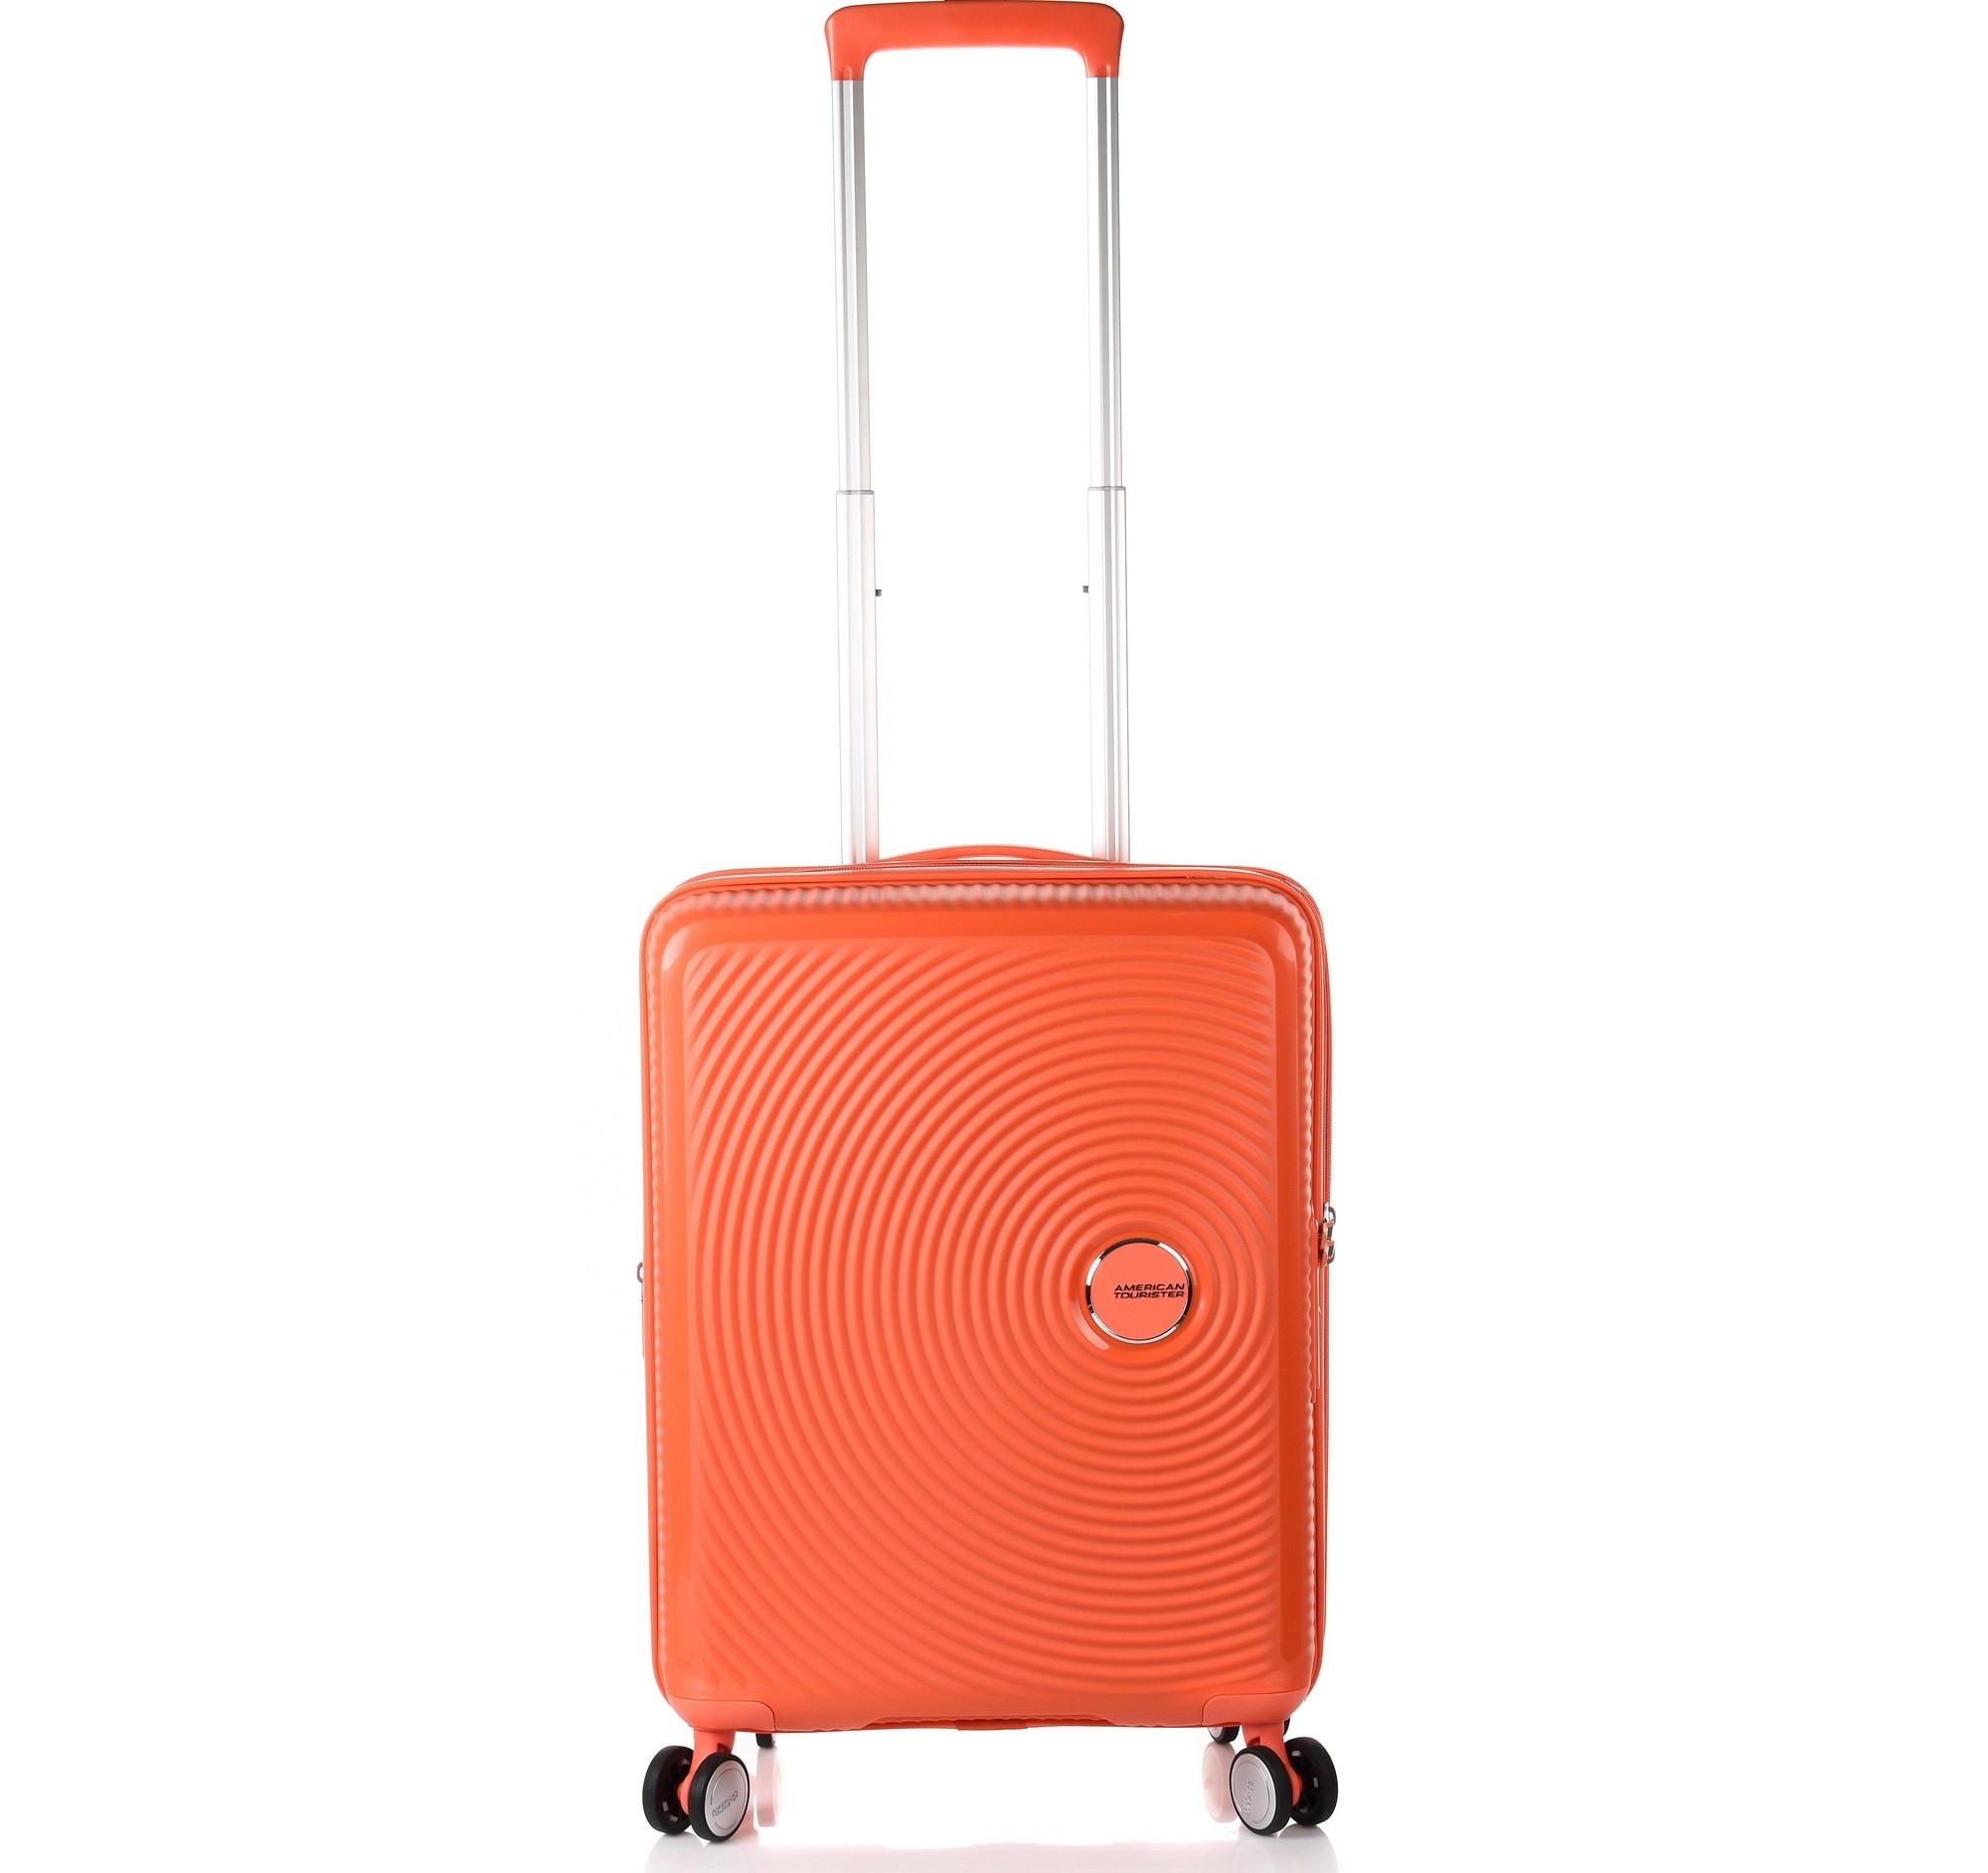 Βαλίτσα Σκληρή American Tourister Soundbox Spinner 55/20 TSA Exp Cabin Size 88472